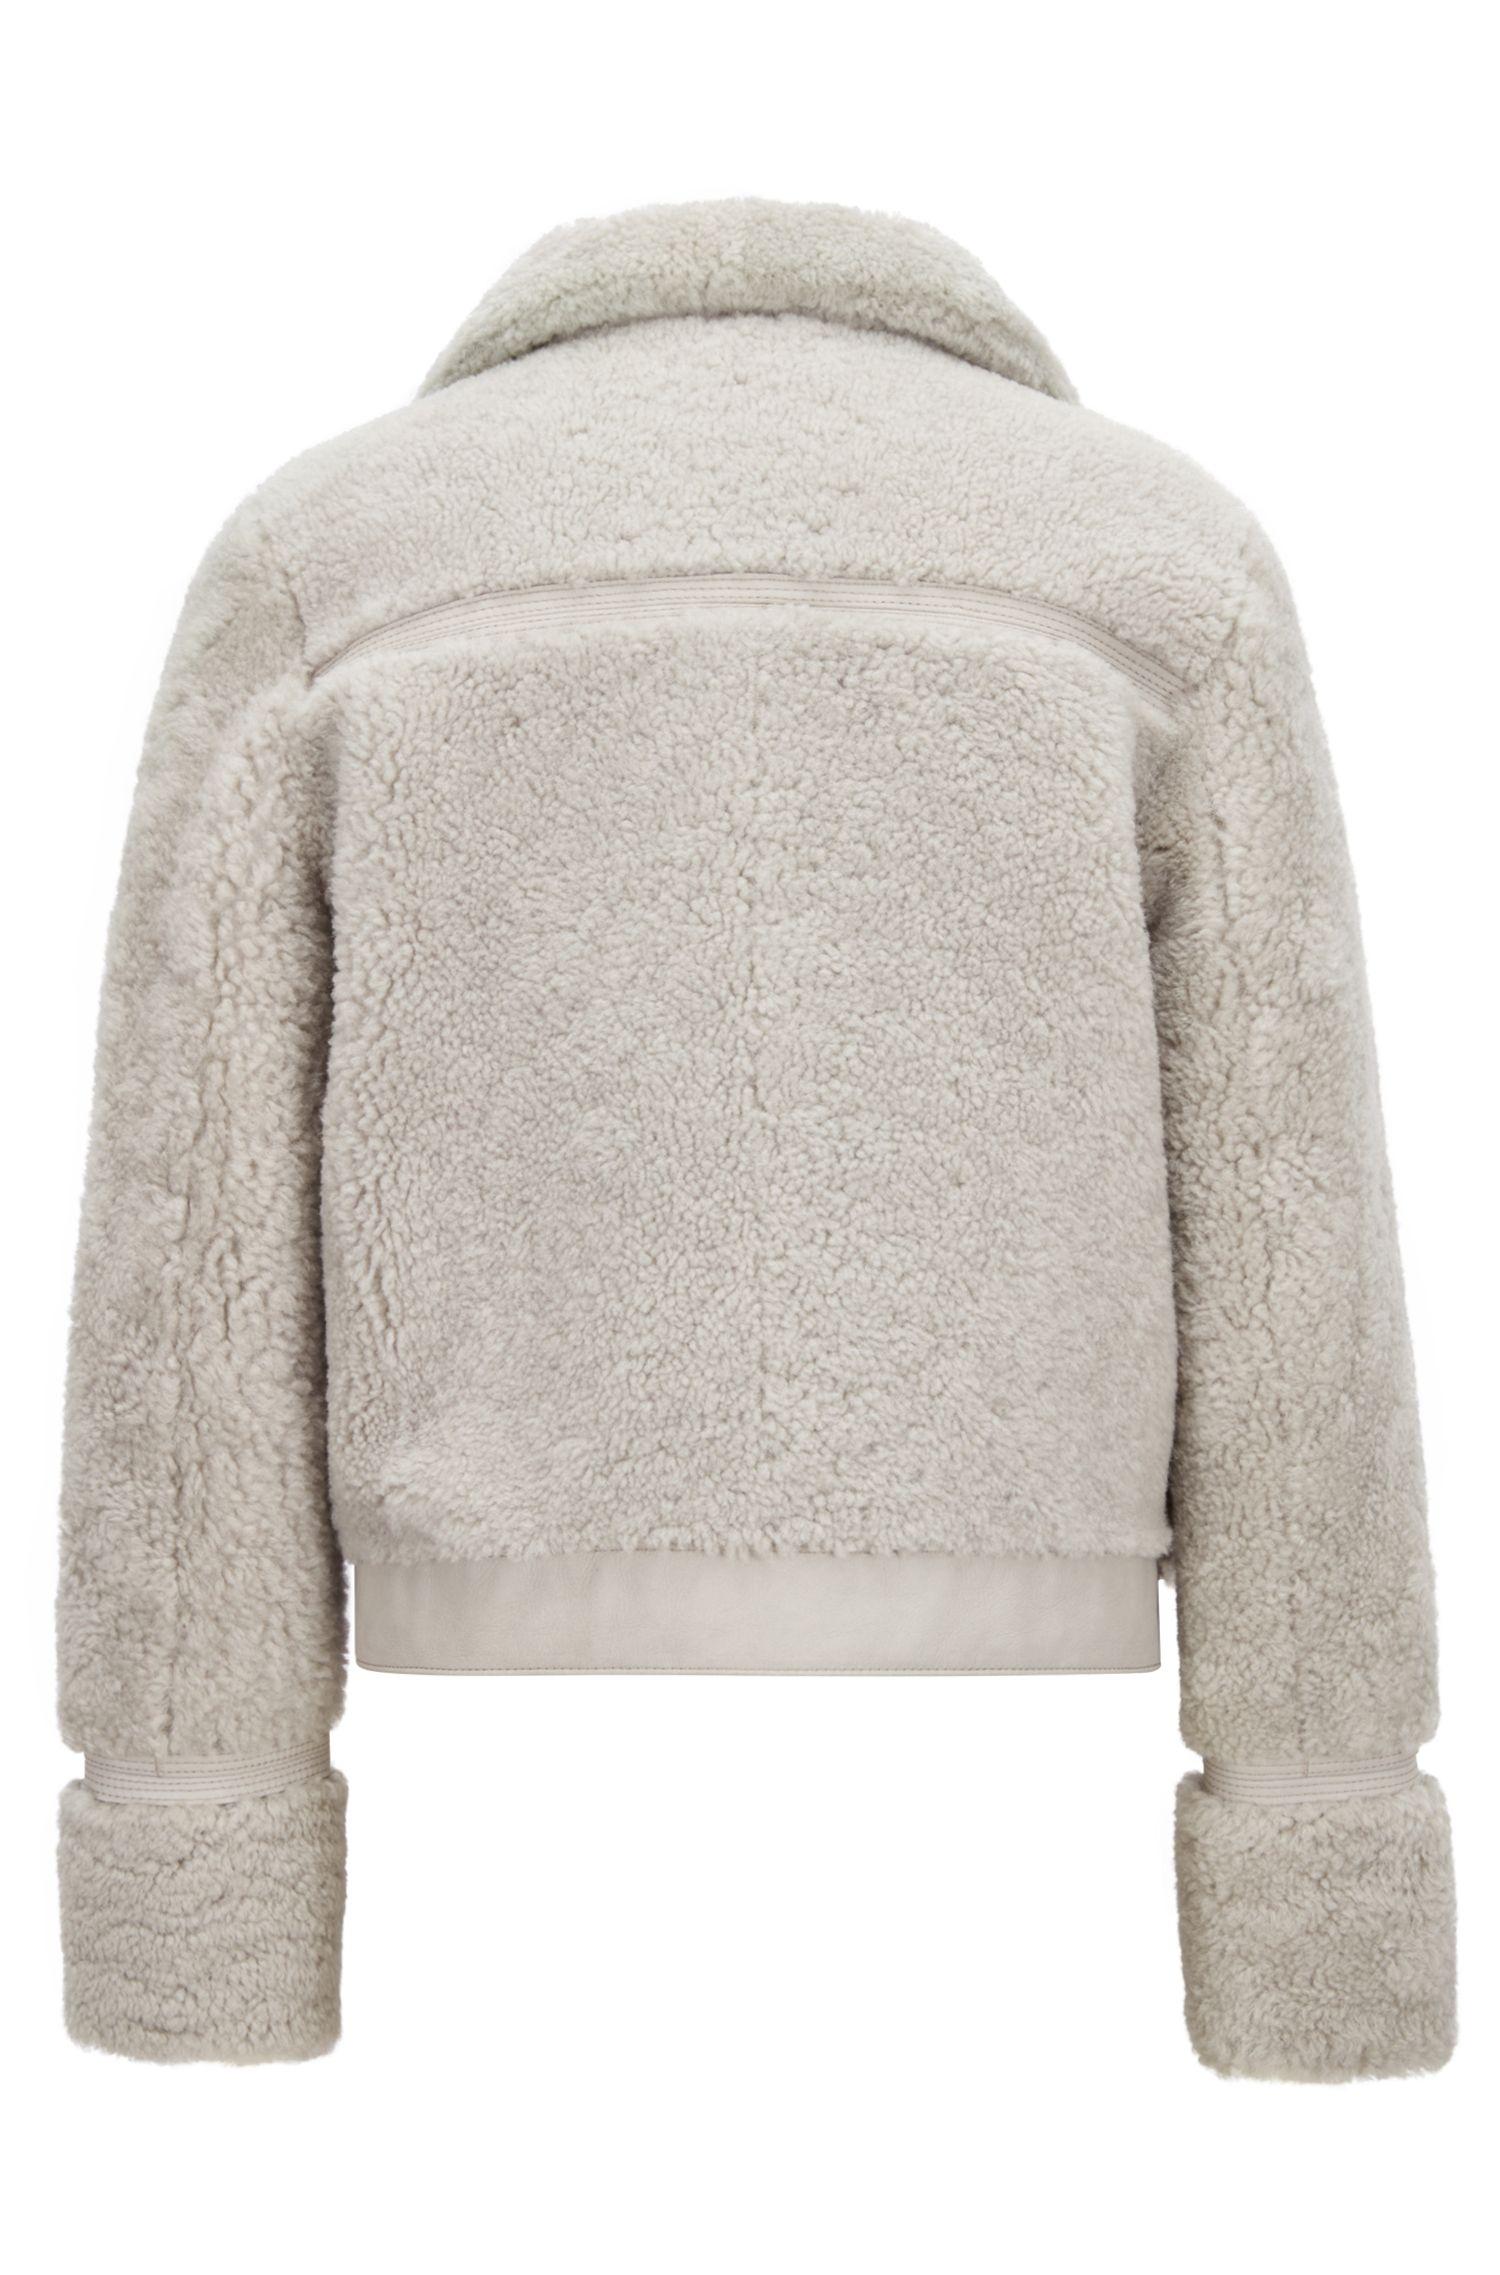 Veste en peau de mouton réversible, à surpiqûres, Argent